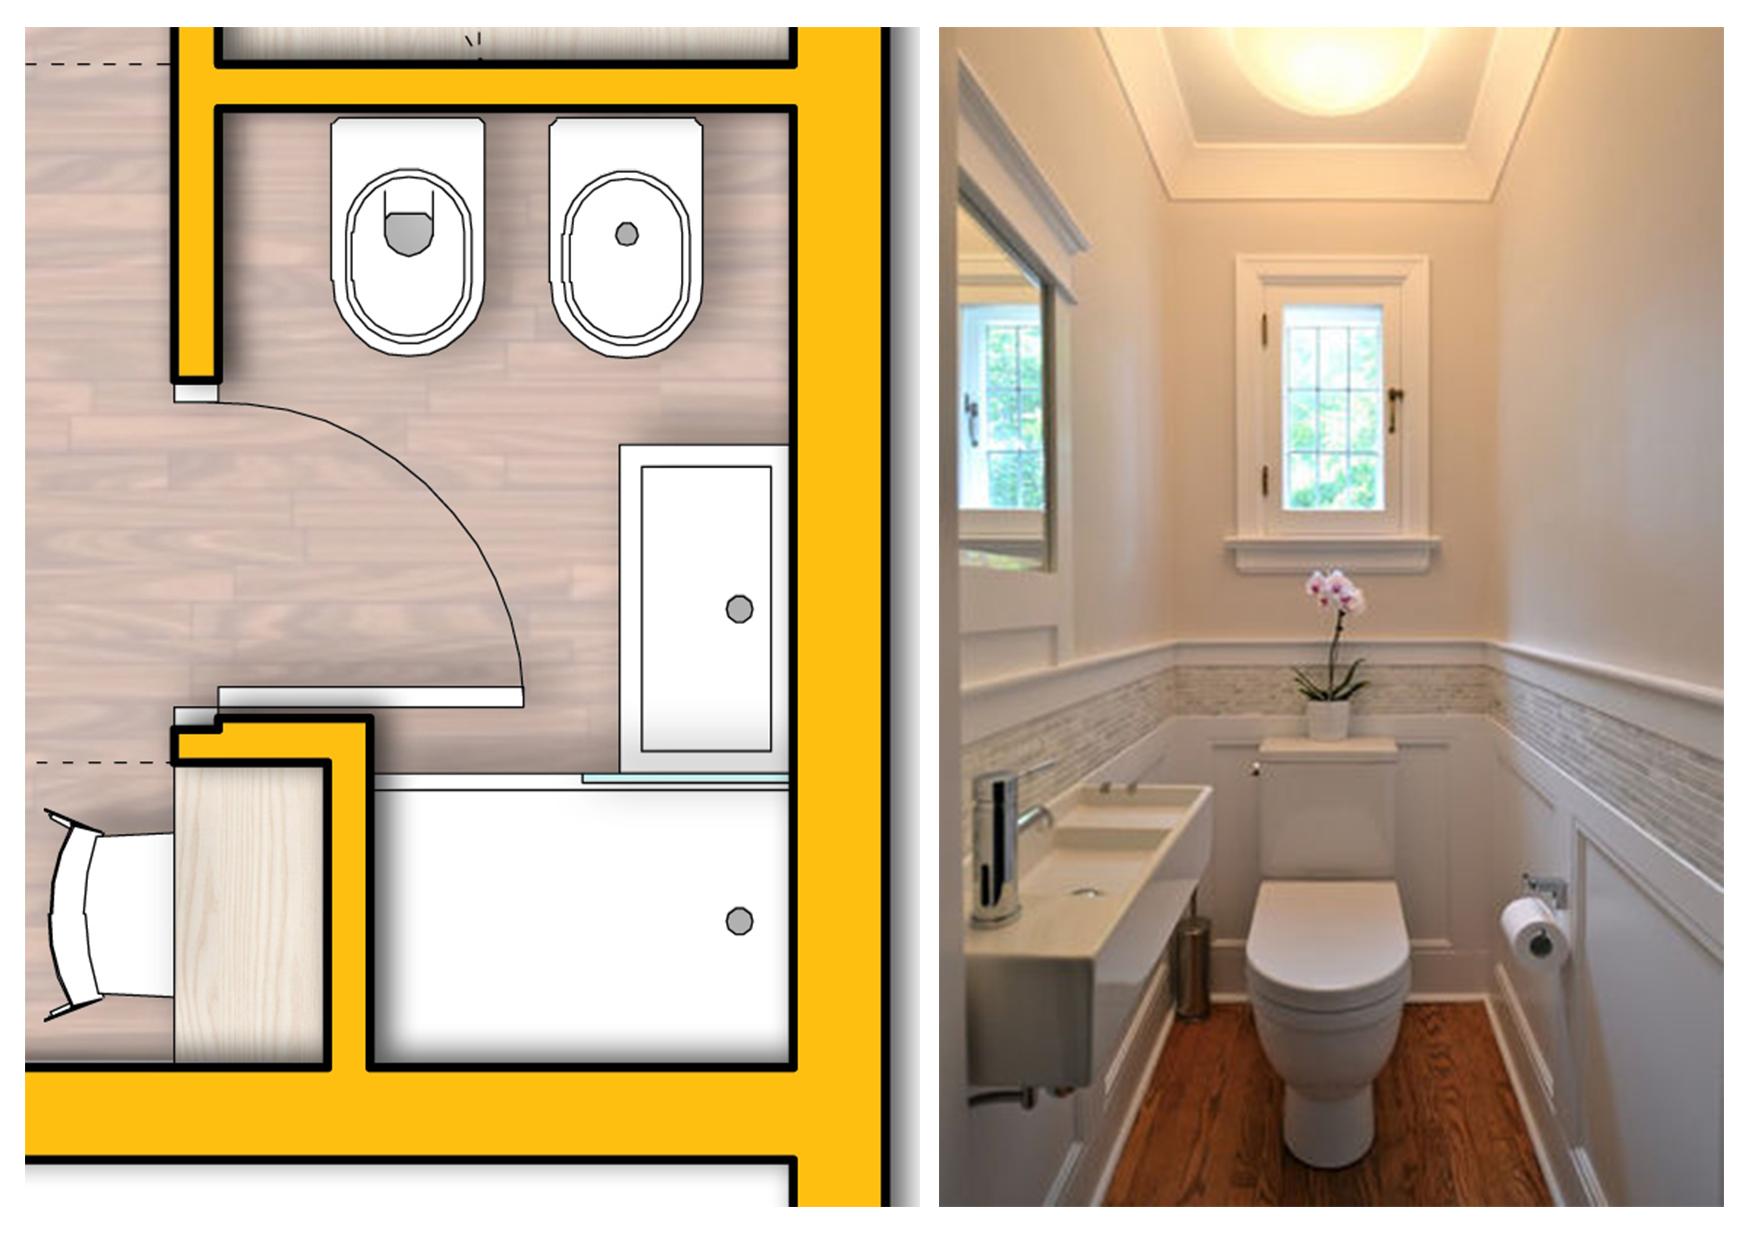 Progettare il bagno consigli pratici novahousenovahouse - Progettare il bagno on line ...